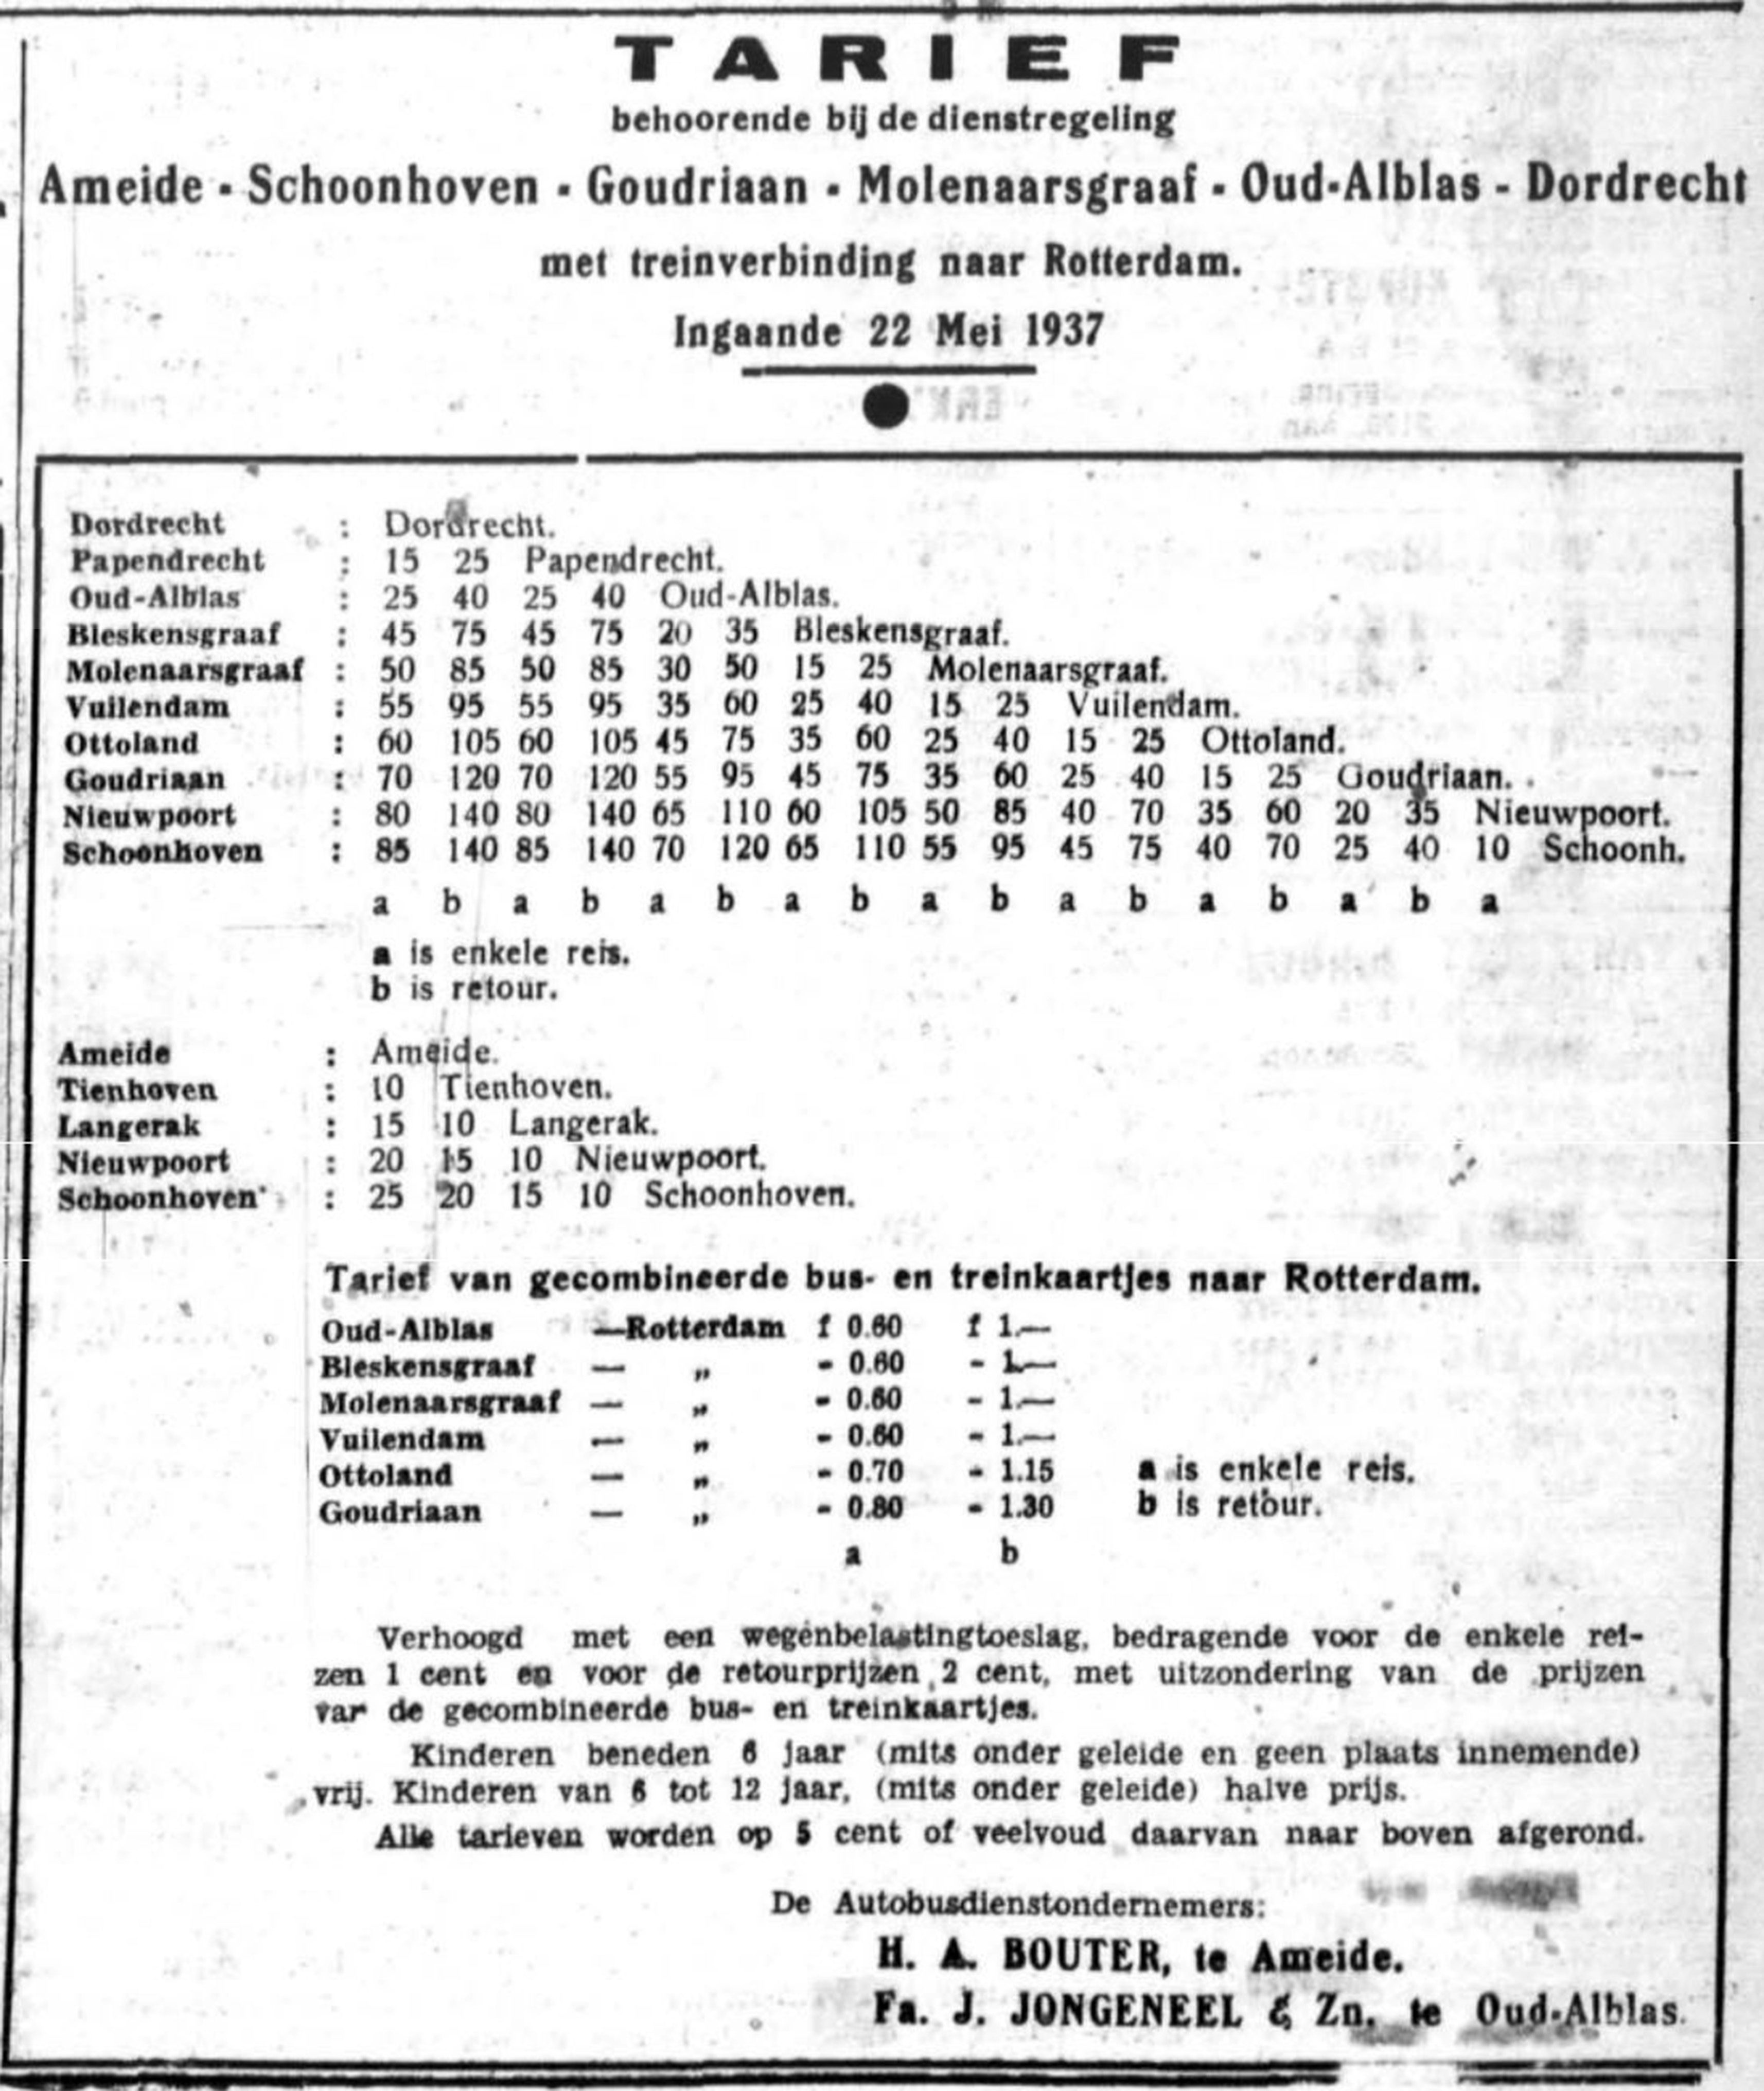 schoonhovensche-courant-06809-1937-05-14-artikel-06